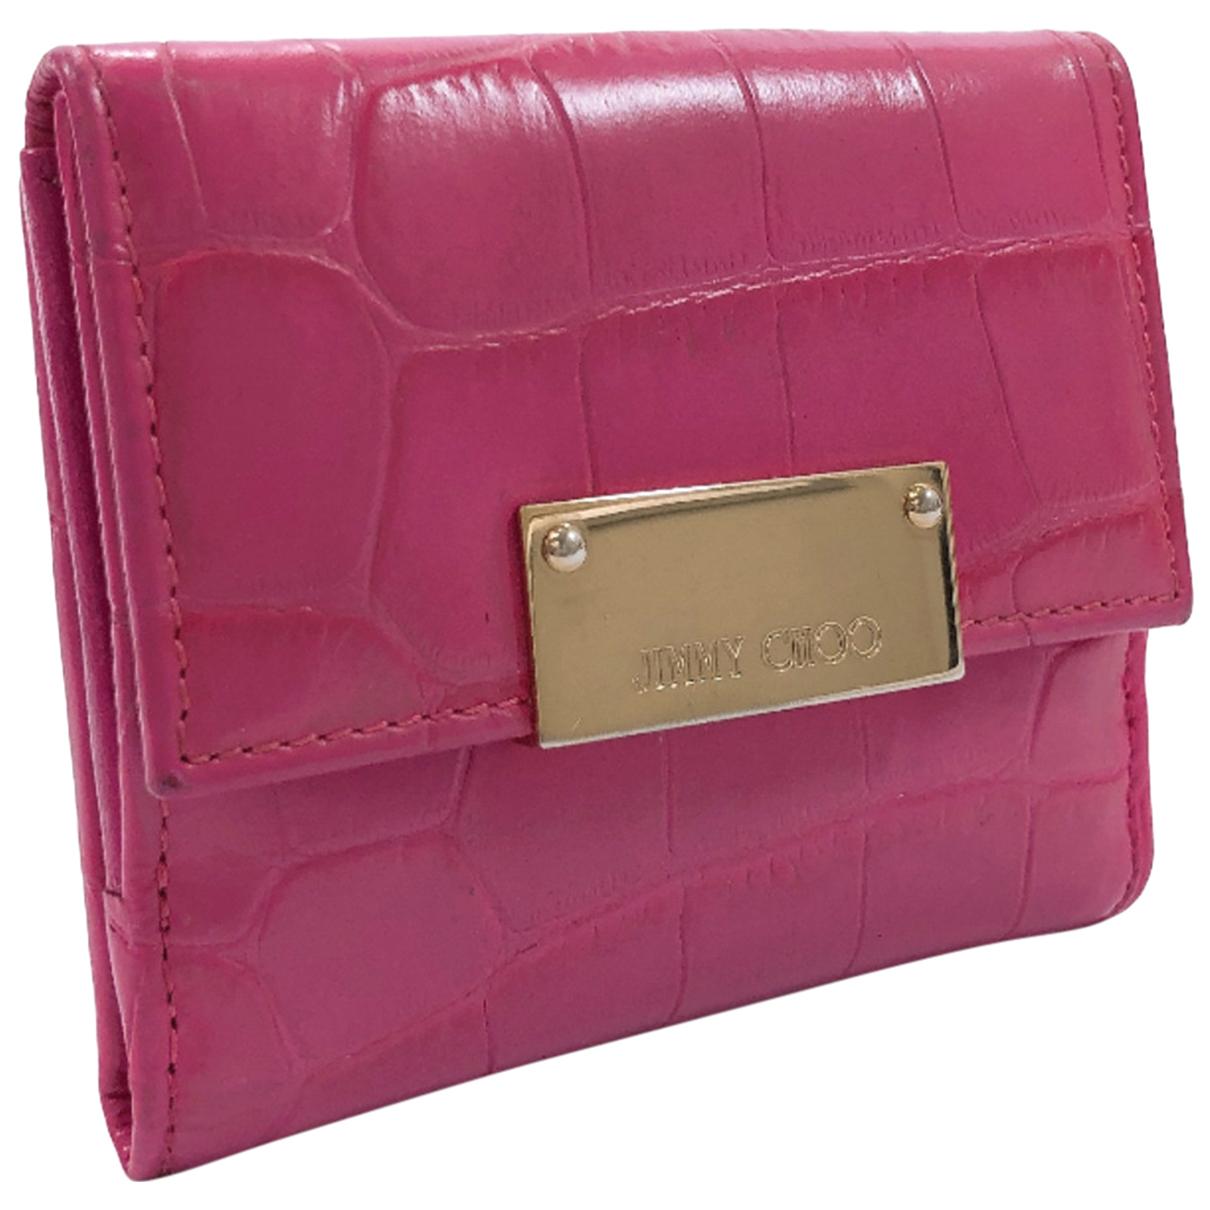 Jimmy Choo - Portefeuille   pour femme en cuir - rose